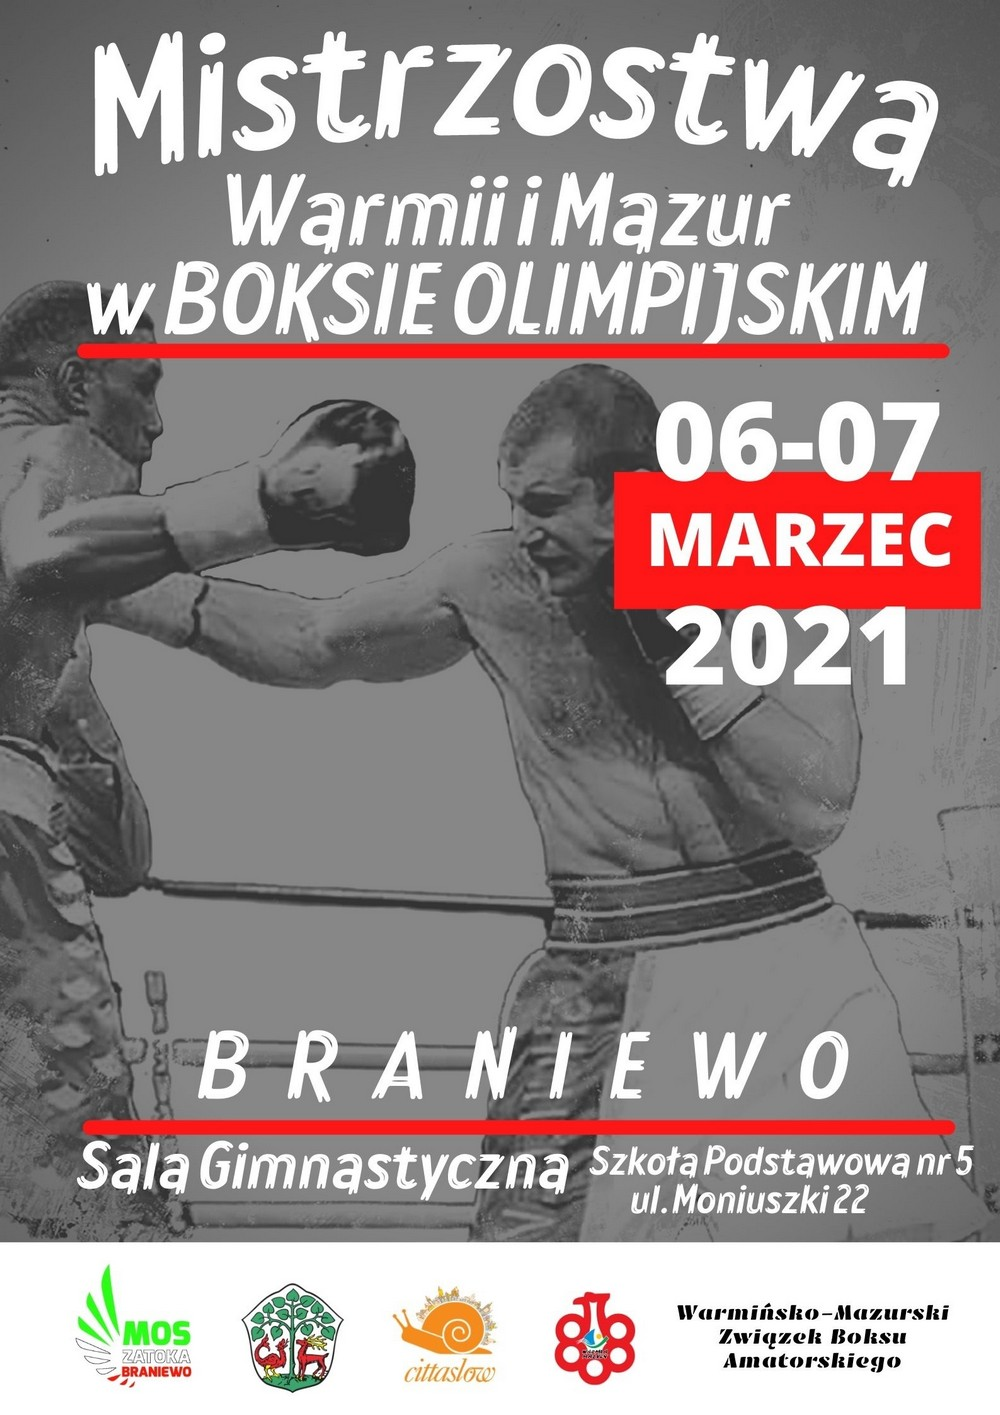 Plakat - Mistrzostwa Warmii i Mazur w Boksie Olimpijskim 06 - 07 marzec 2021 r., Braniewo Sala Gimnastyczna Szkoła Podstawowa nr 5, ul. Moniuszki 22a